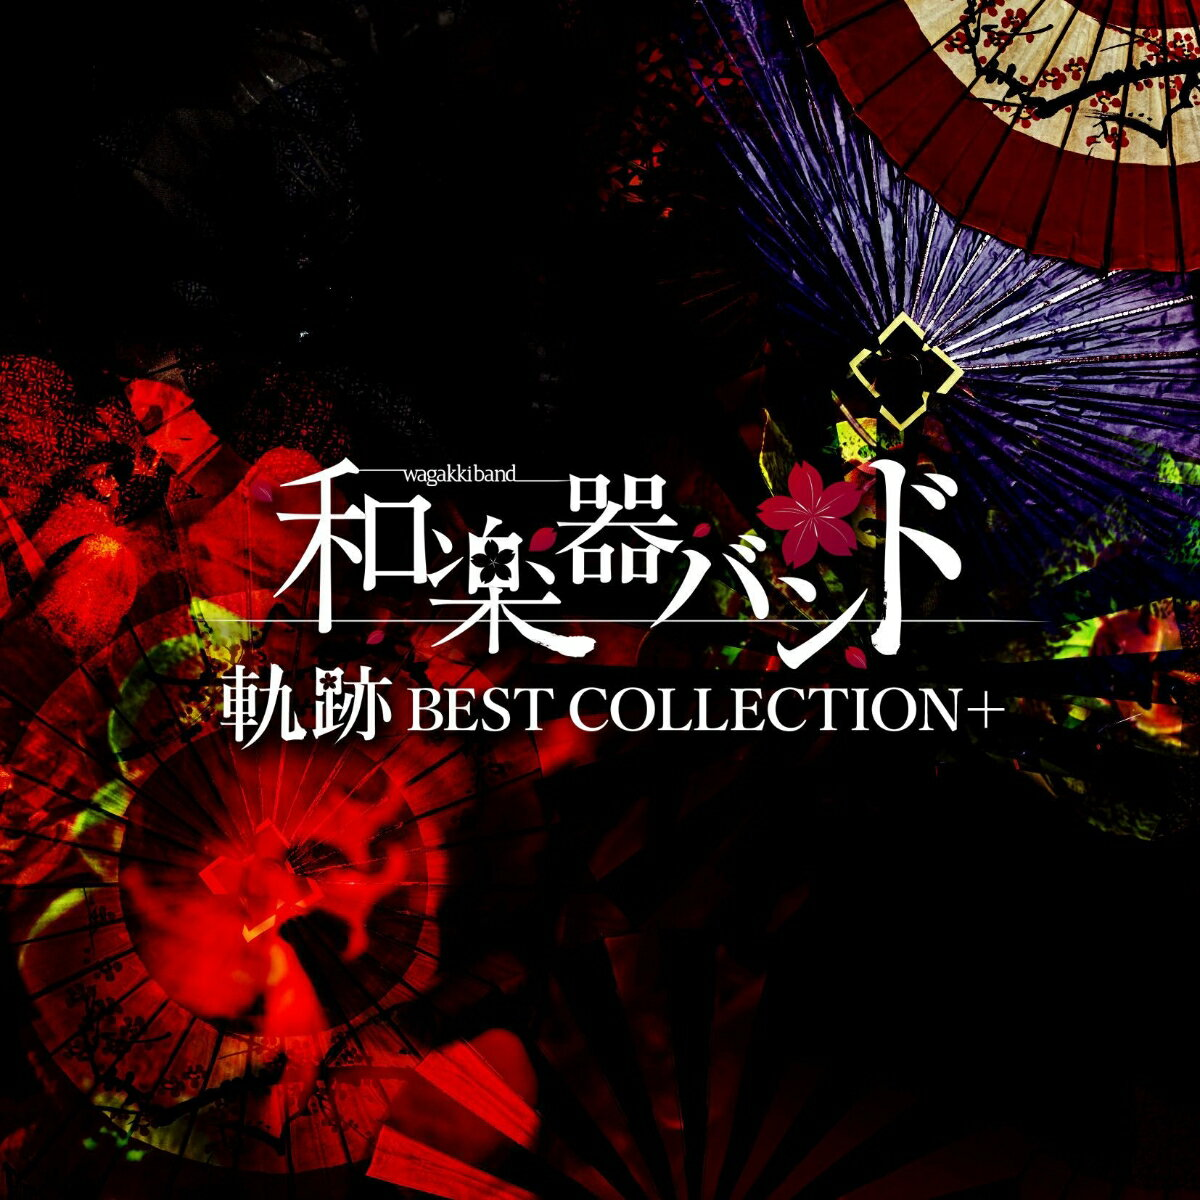 軌跡 BEST COLLECTION+ (MUSIC VIDEO盤 CD+2DVD+スマプラ) [ 和楽器バンド ]